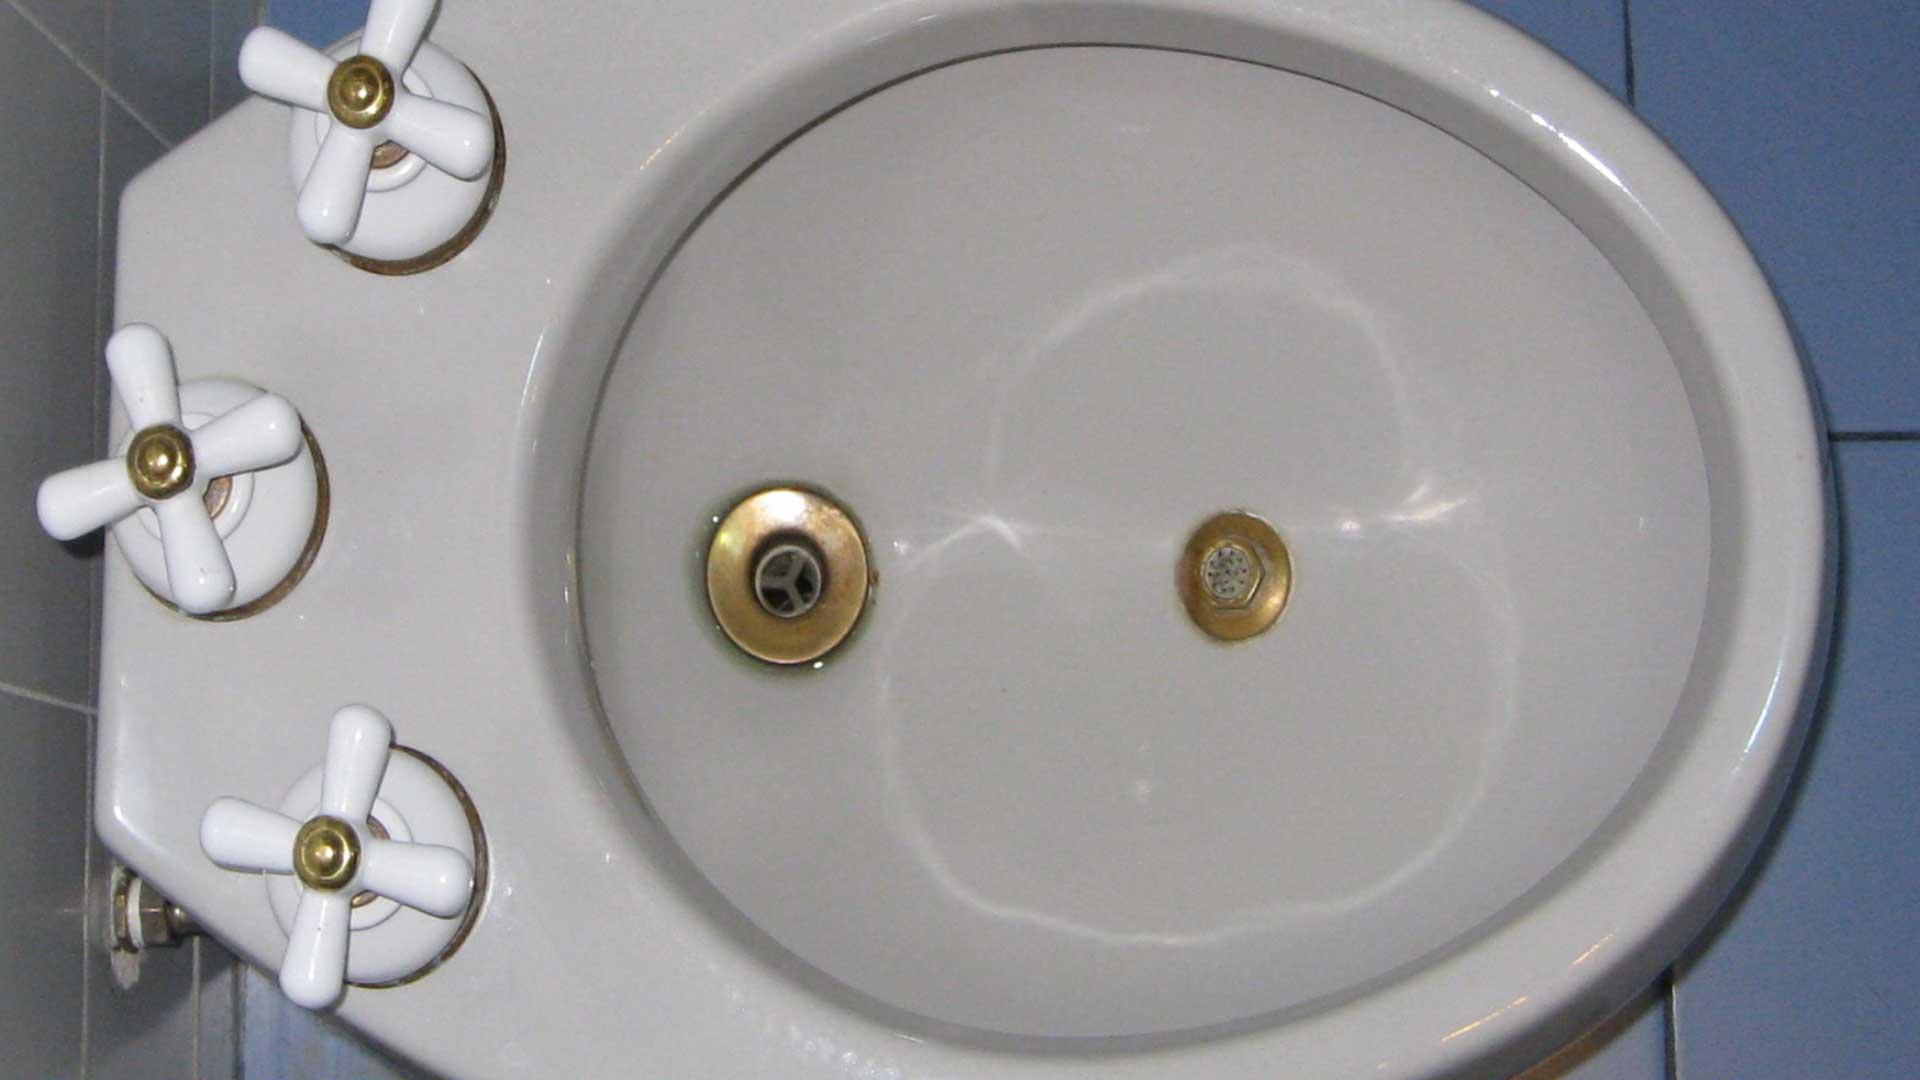 In vielen Ländern werden Bidets statt Toilettenpapier benutzt. CC BY-SA 4.0 / Lenilucho / wikimedia.org